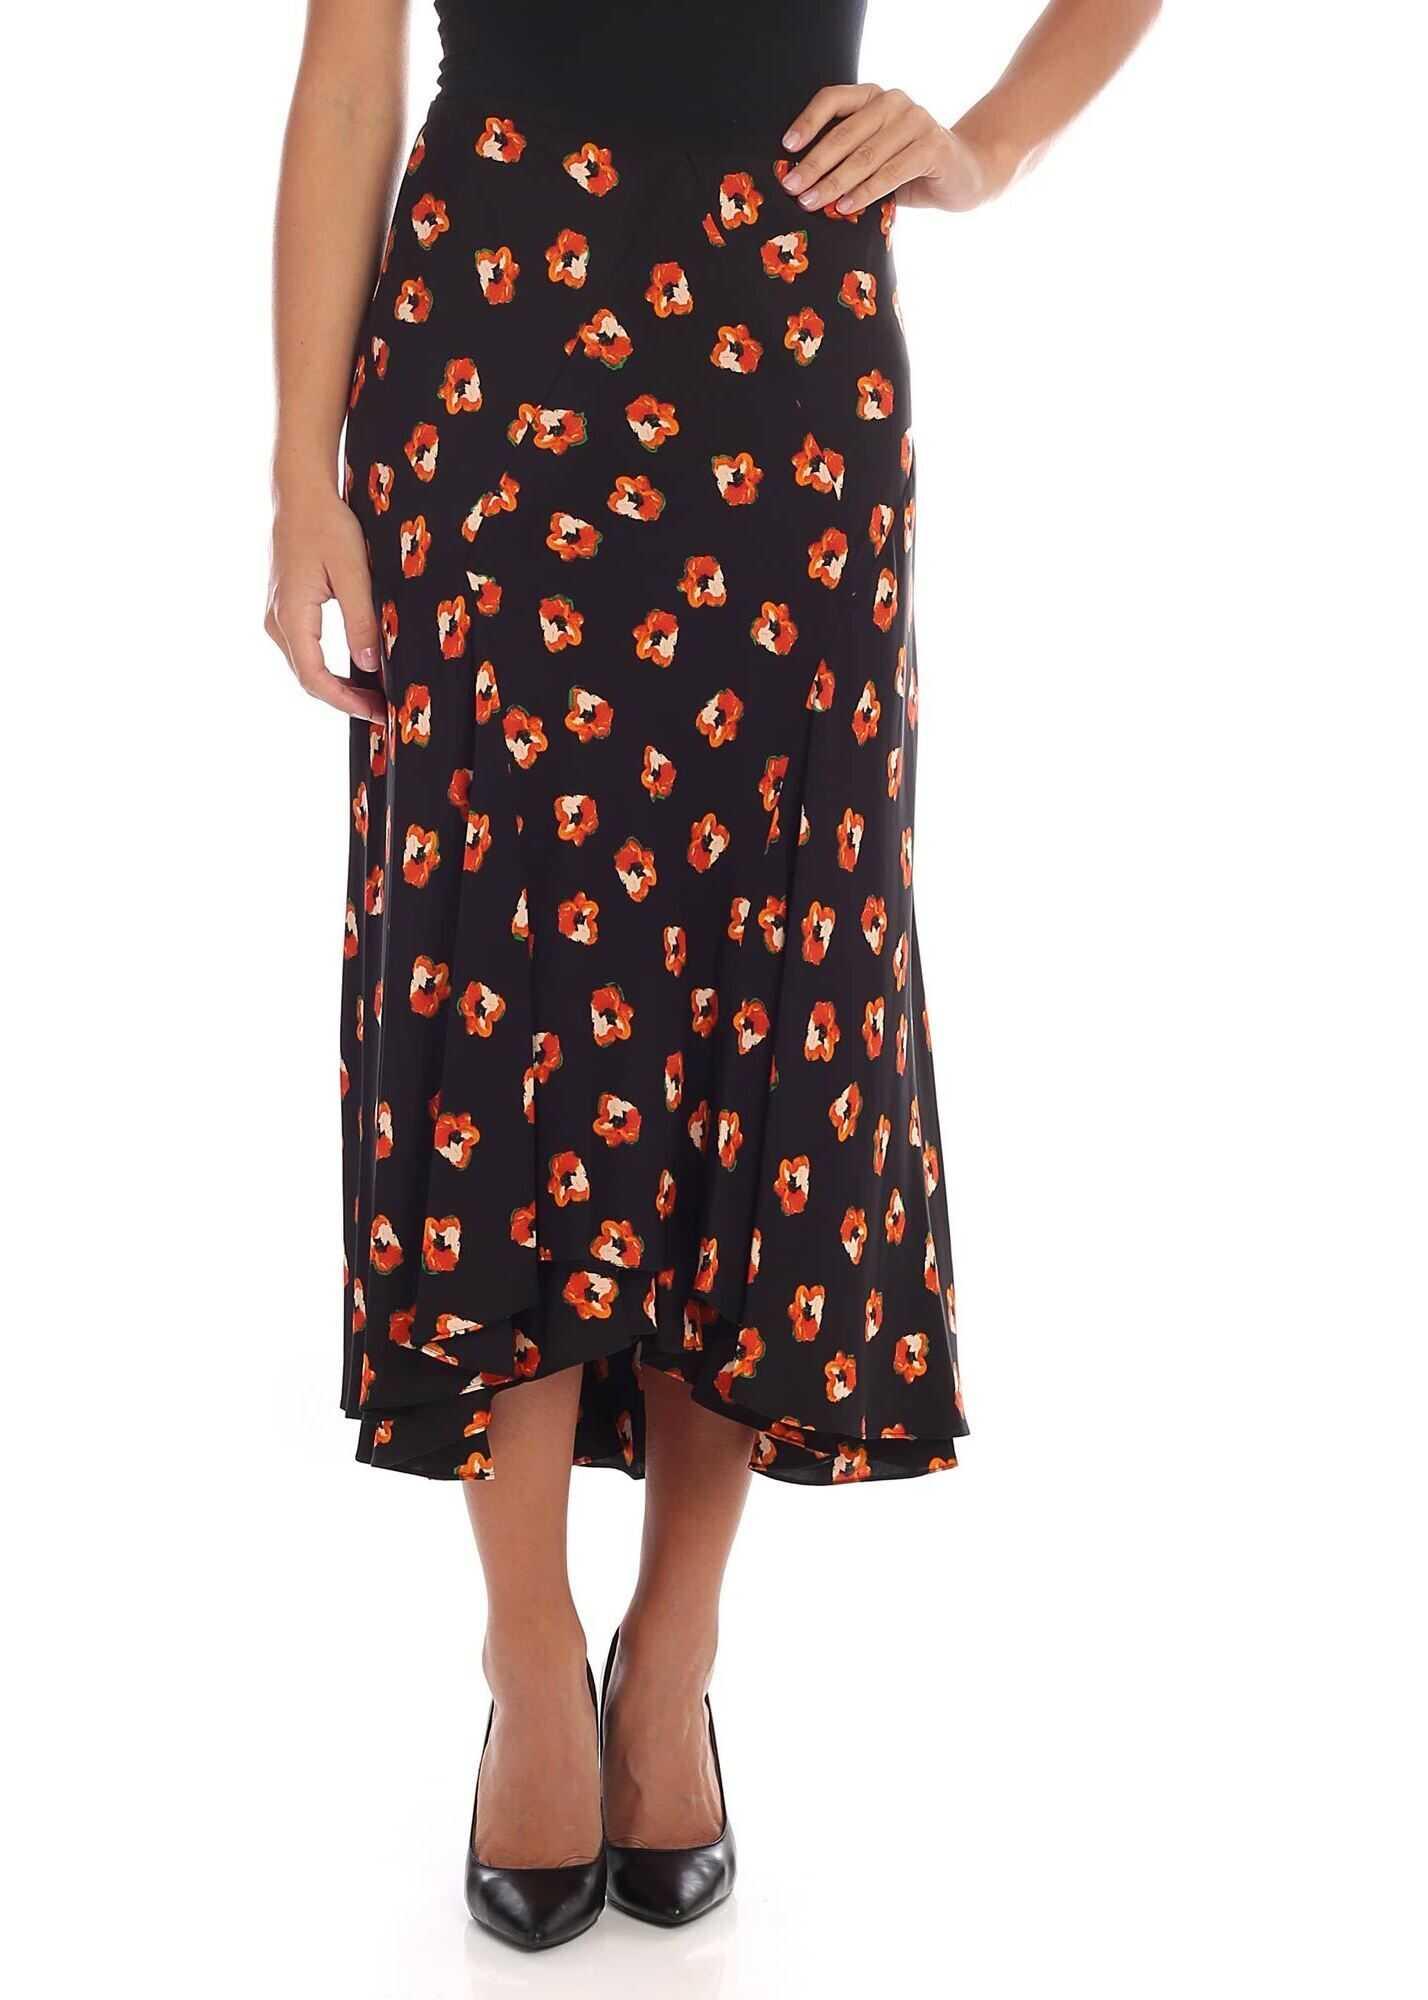 Debra Skirt In Black thumbnail